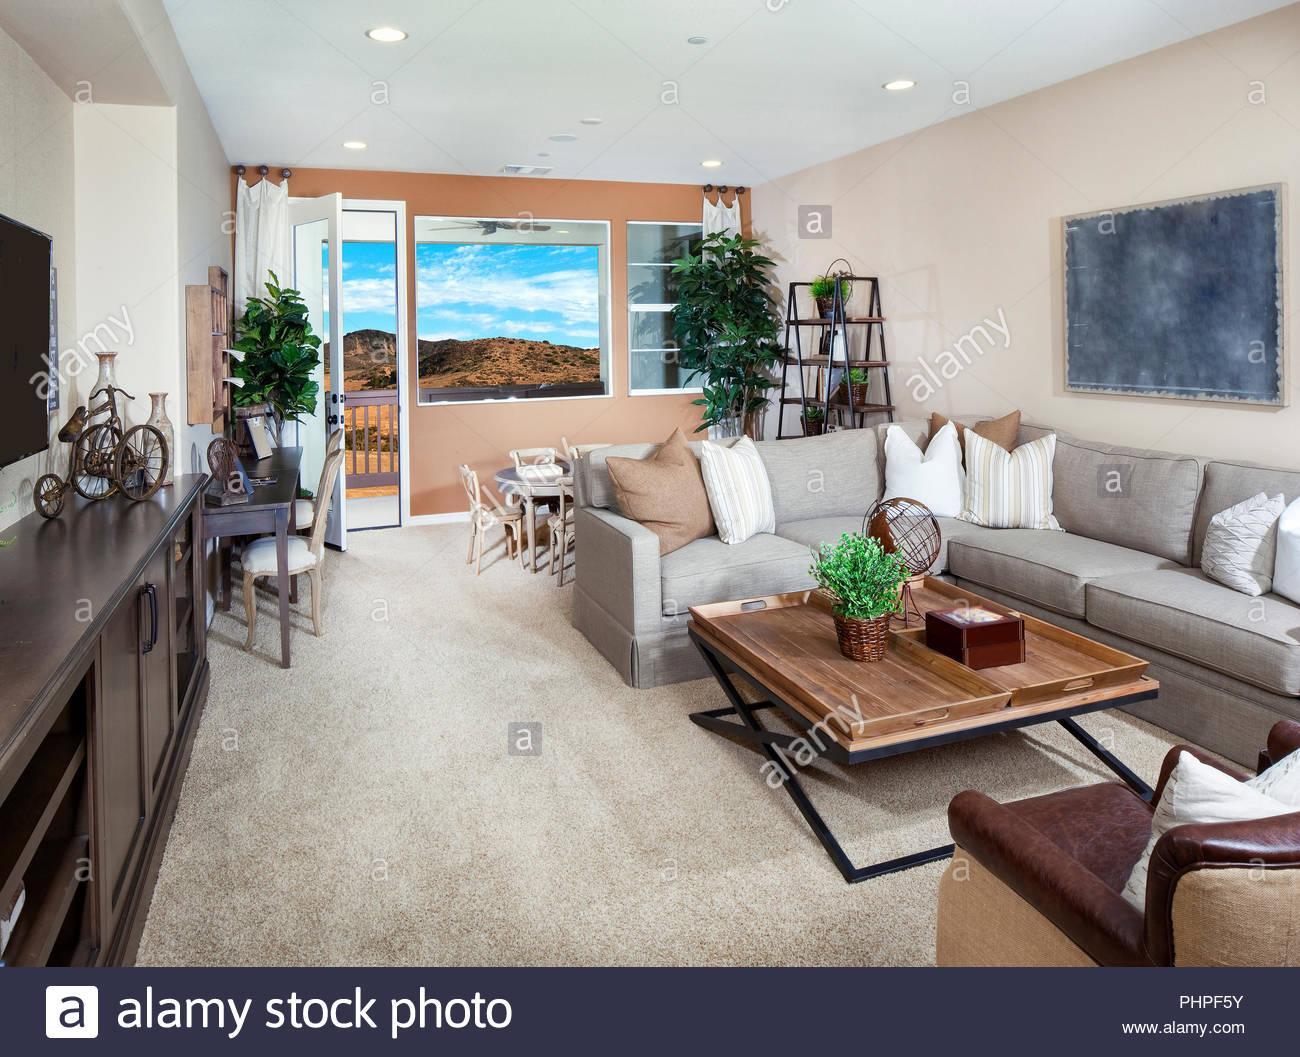 Salón gris y marrón Imagen De Stock